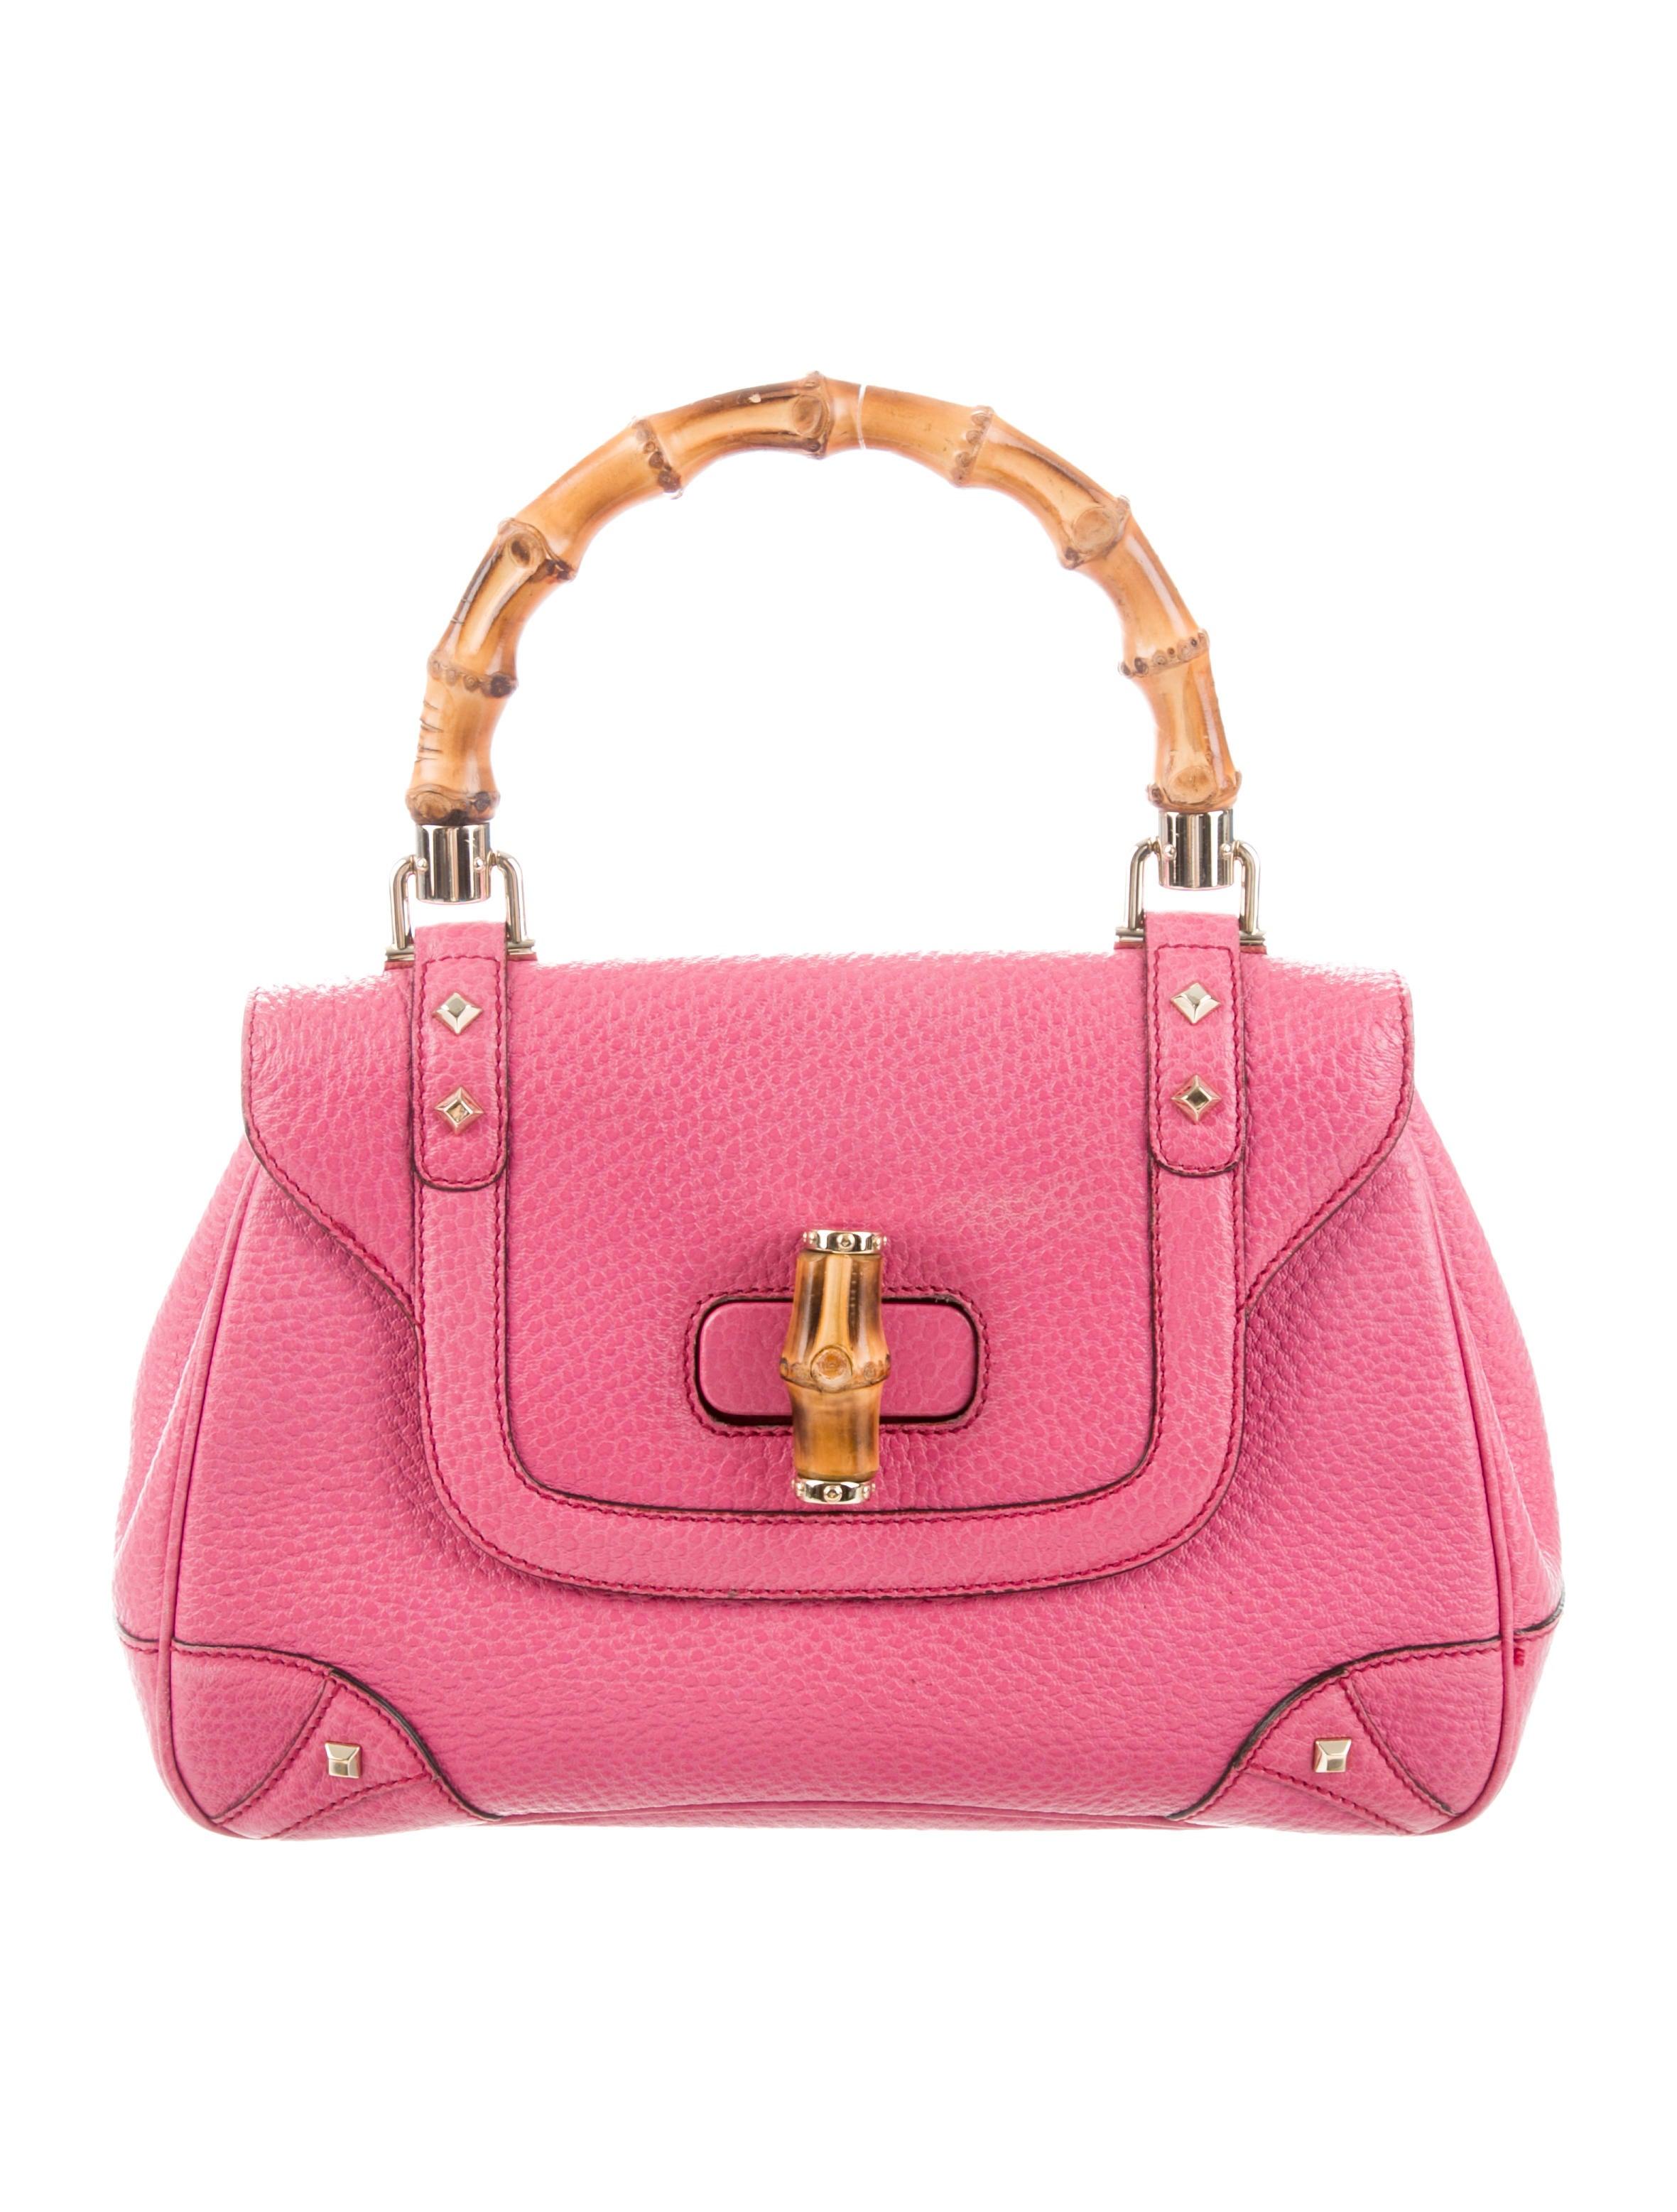 0d371ed33e18 Gucci Bamboo Top Handle Bag - Handbags - GUC290524